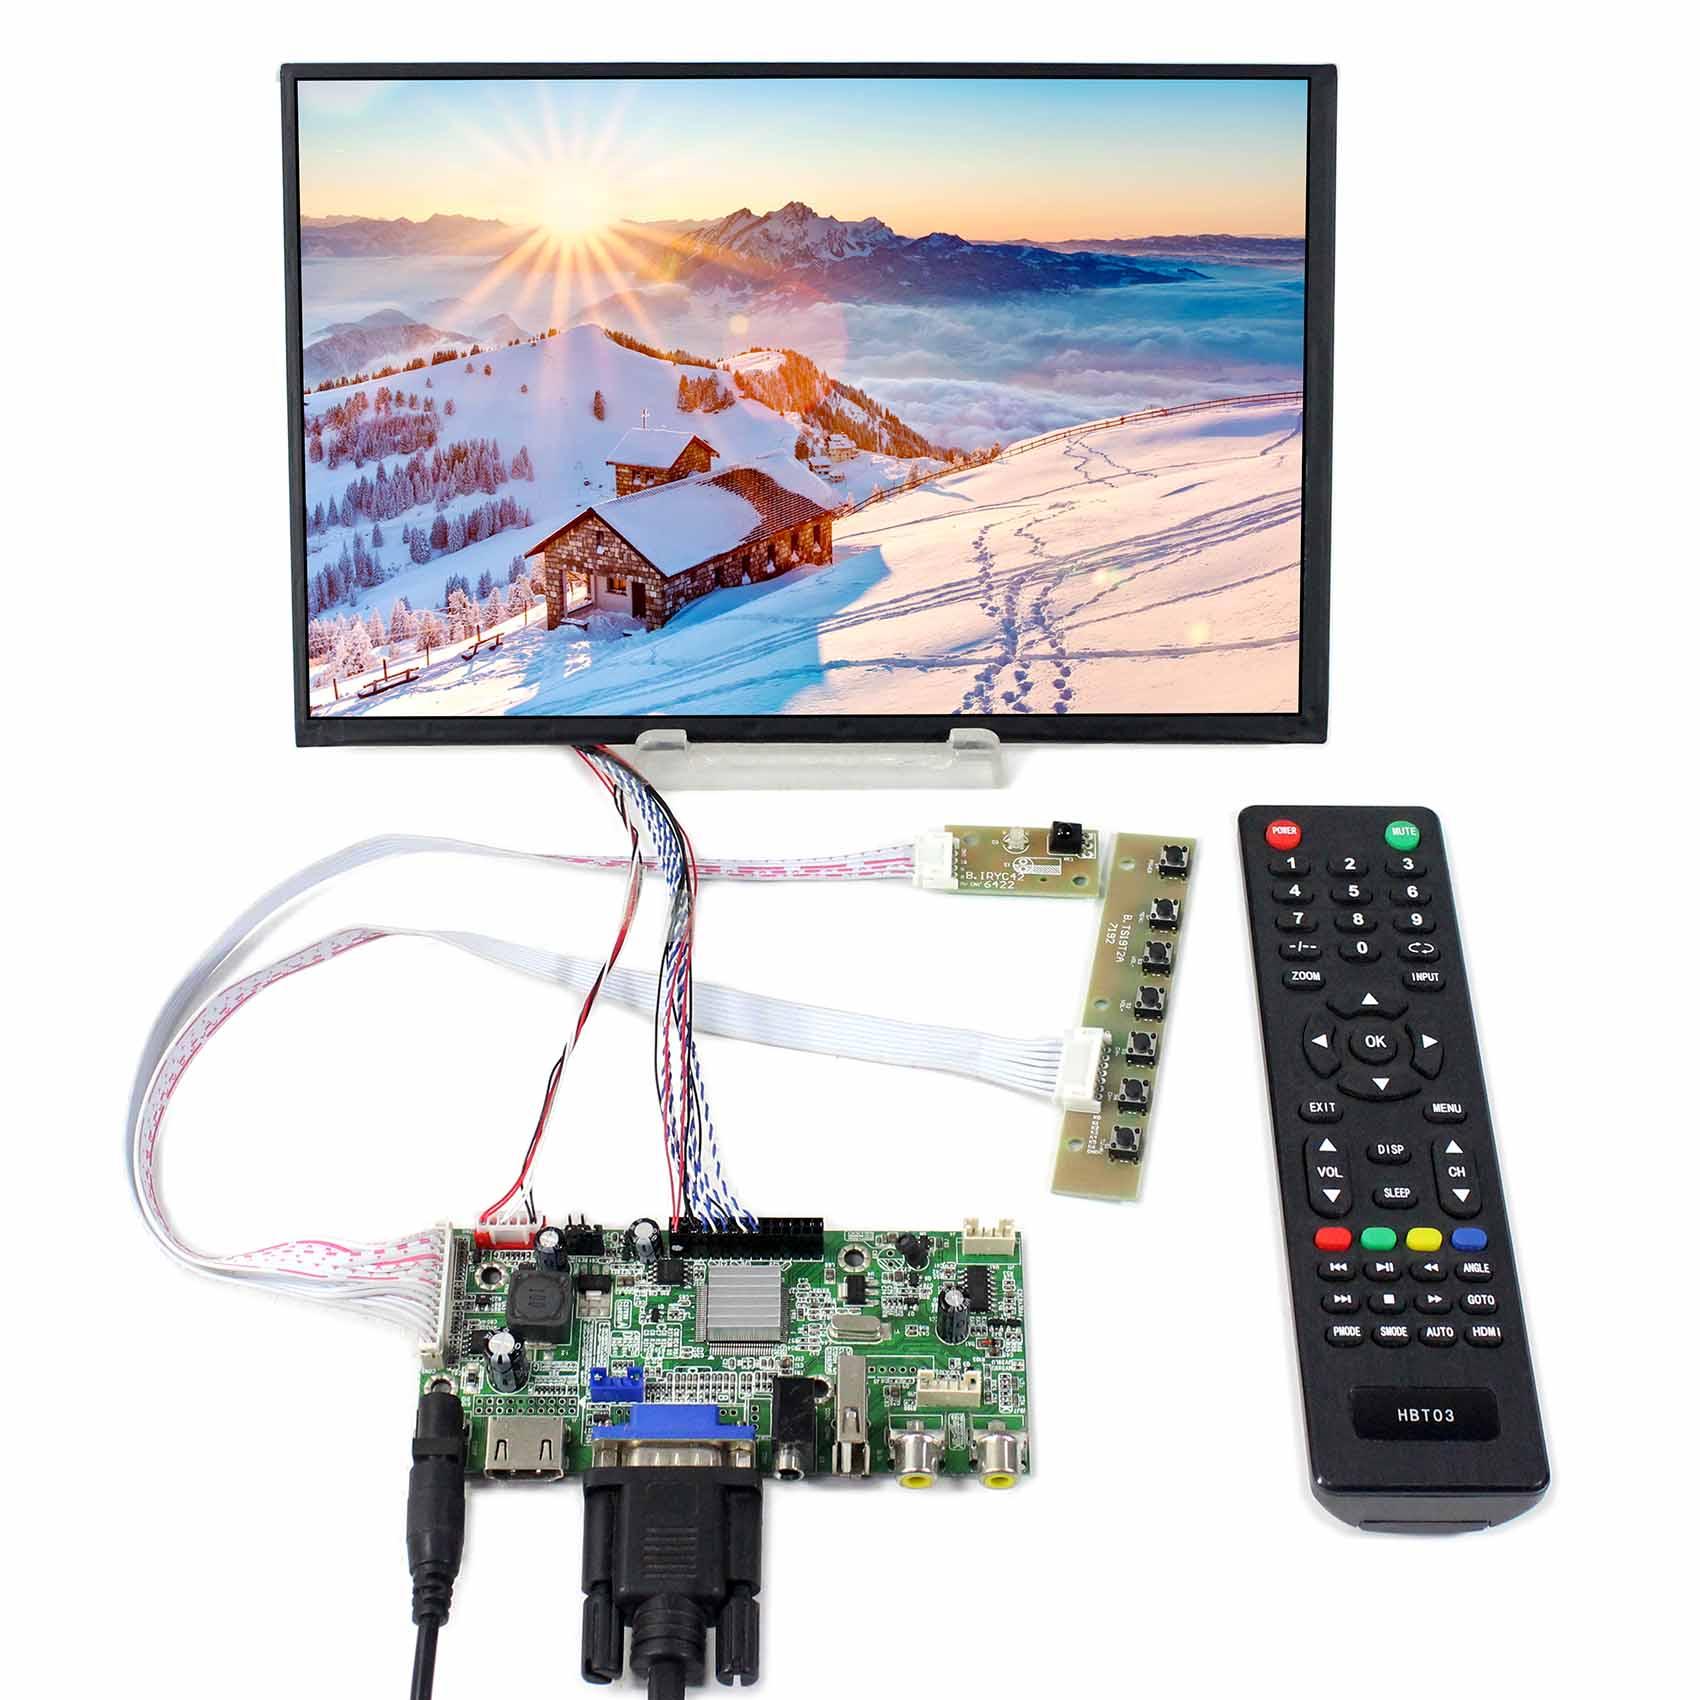 HDMI VGA 2AV USB LCD Board Work with LVDS Interface LCD Screen 10.1 M101NWWB R6 1280X800 LCD ScreenHDMI VGA 2AV USB LCD Board Work with LVDS Interface LCD Screen 10.1 M101NWWB R6 1280X800 LCD Screen